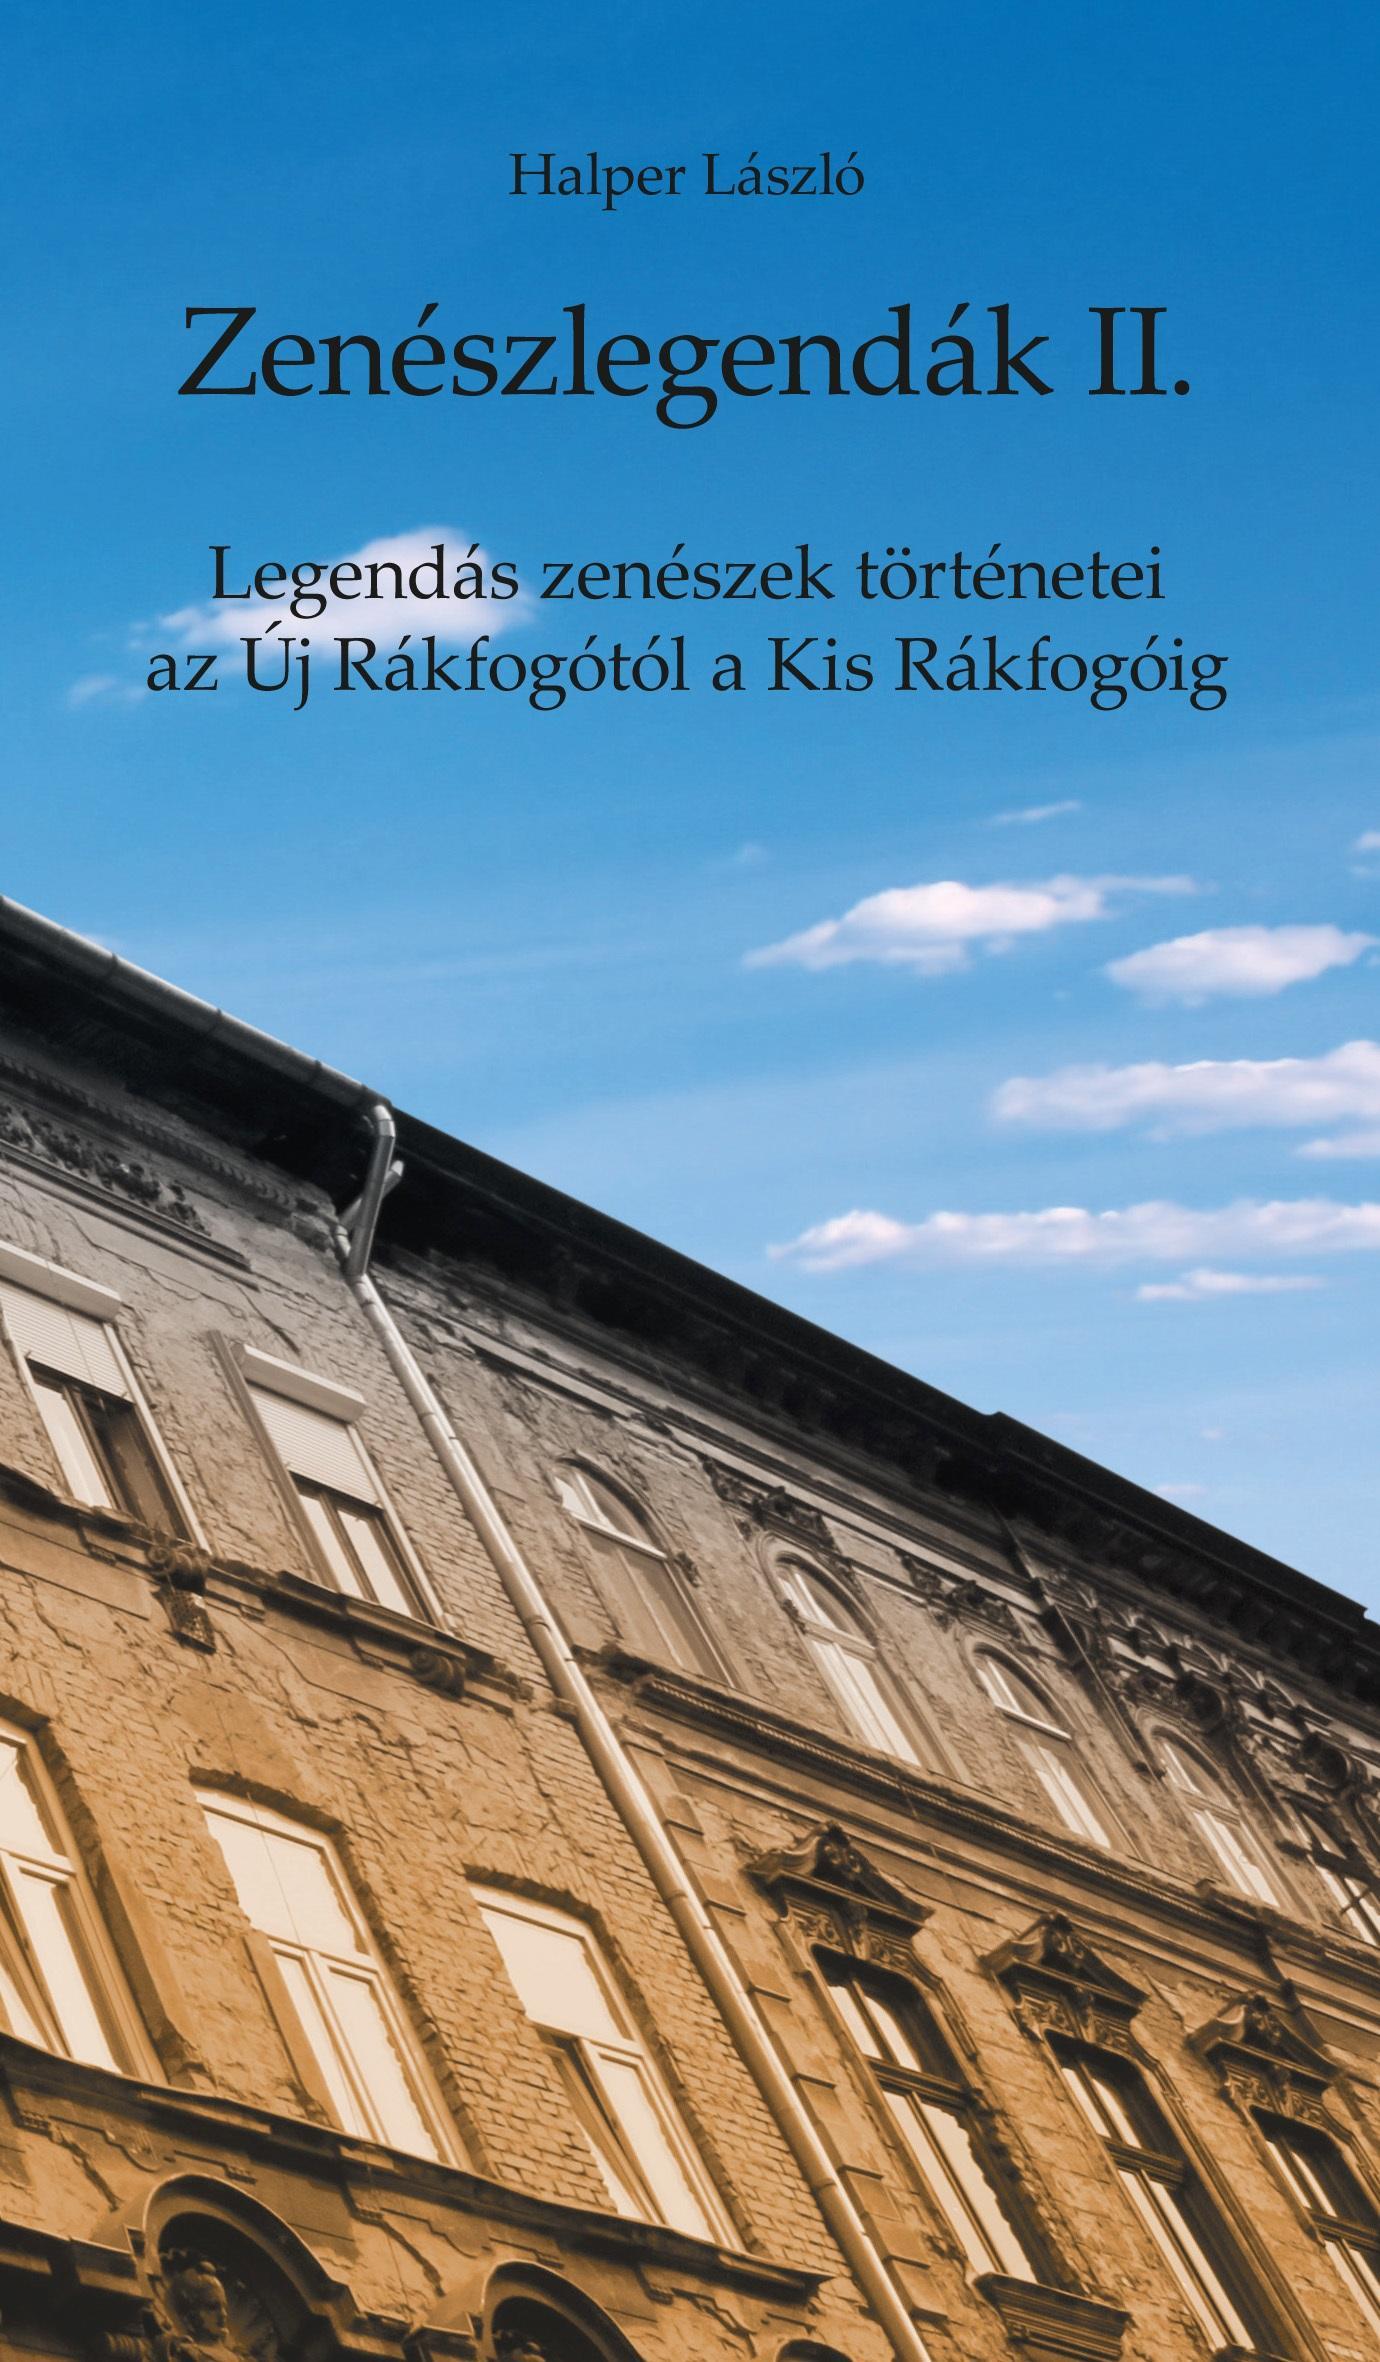 ZENÉSZLEGENDÁK II. - LEGENDÁS ZENÉSZEK TÖRTÉNETEI AZ ÚJ RÁKFOGÓTÓL A KIS...